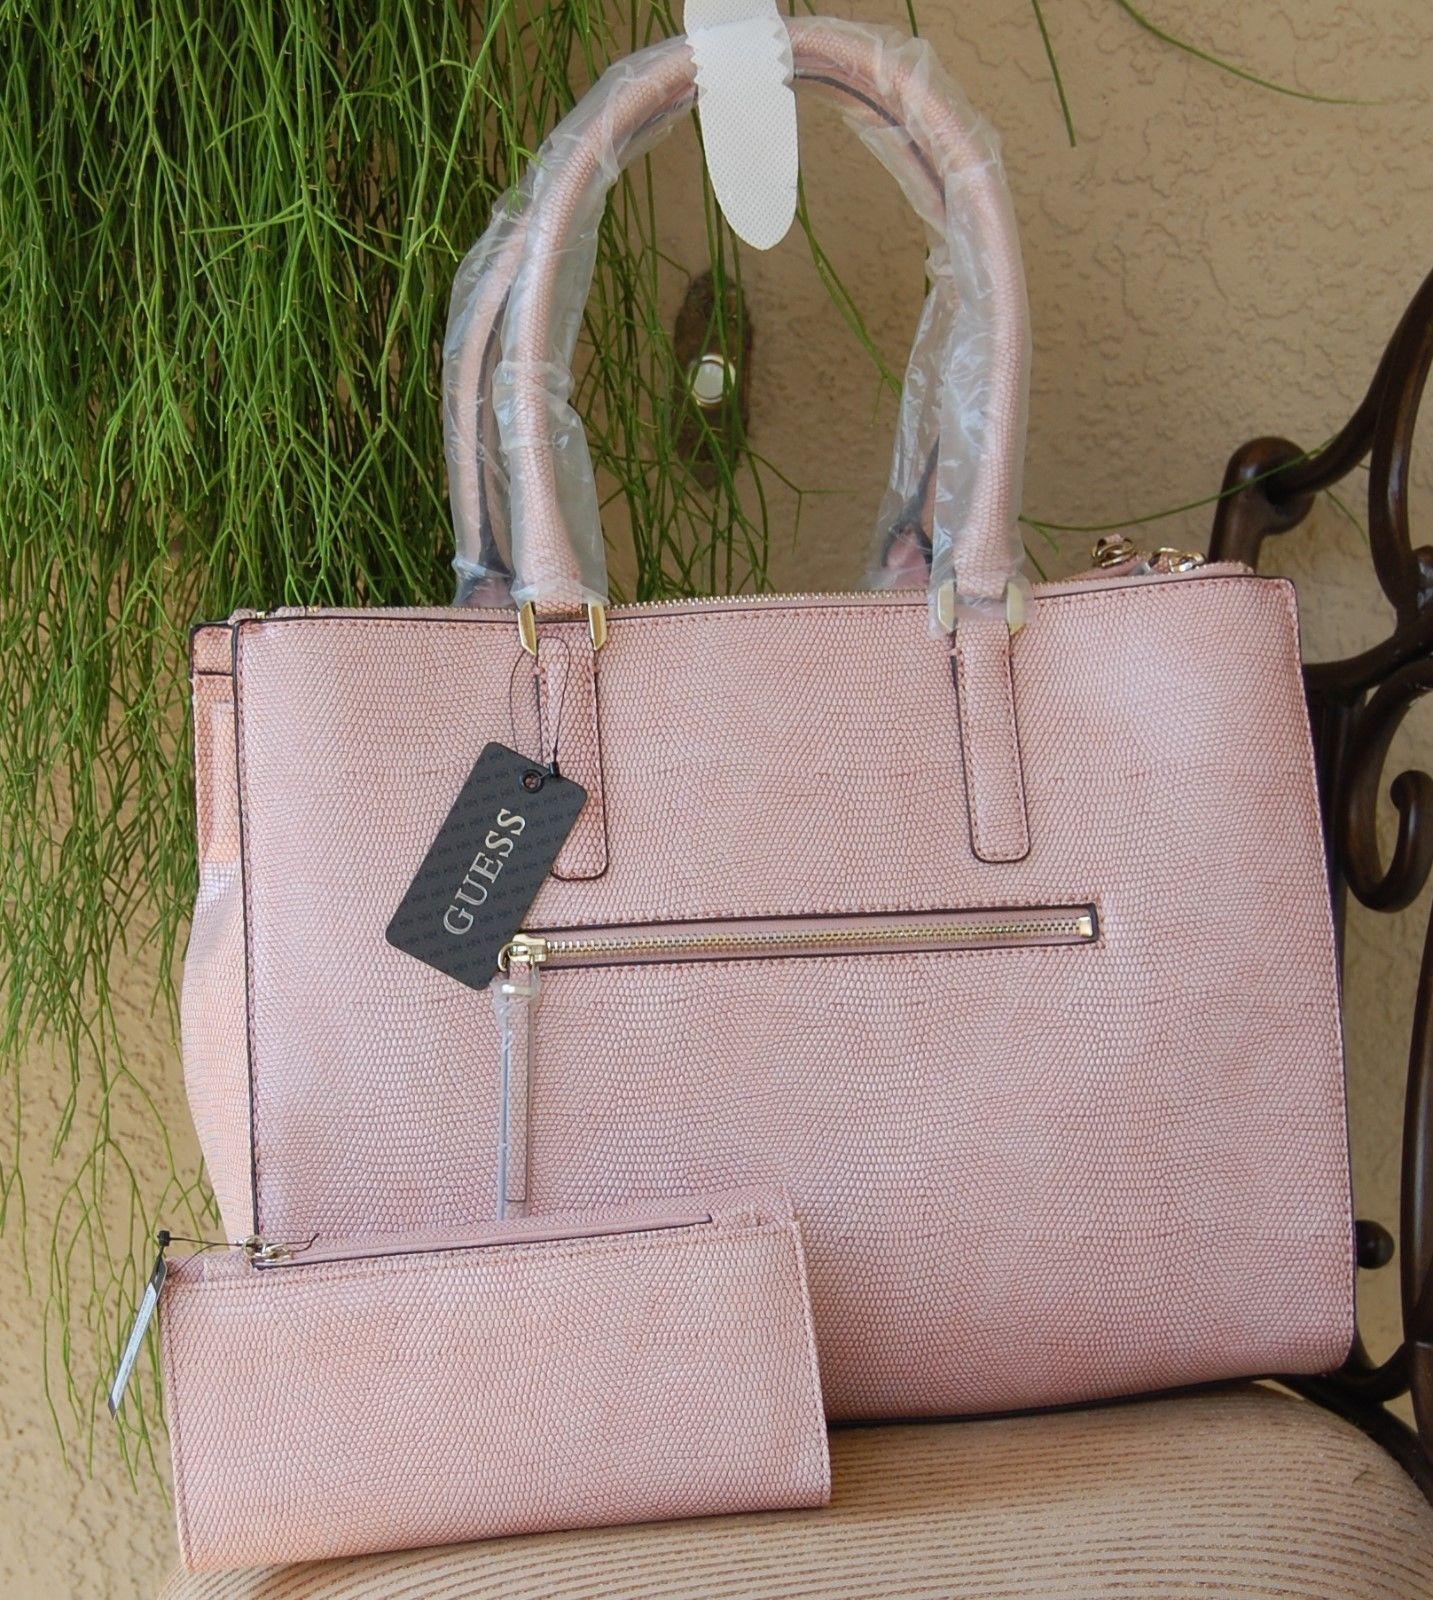 Guess Handbag Wallet Set